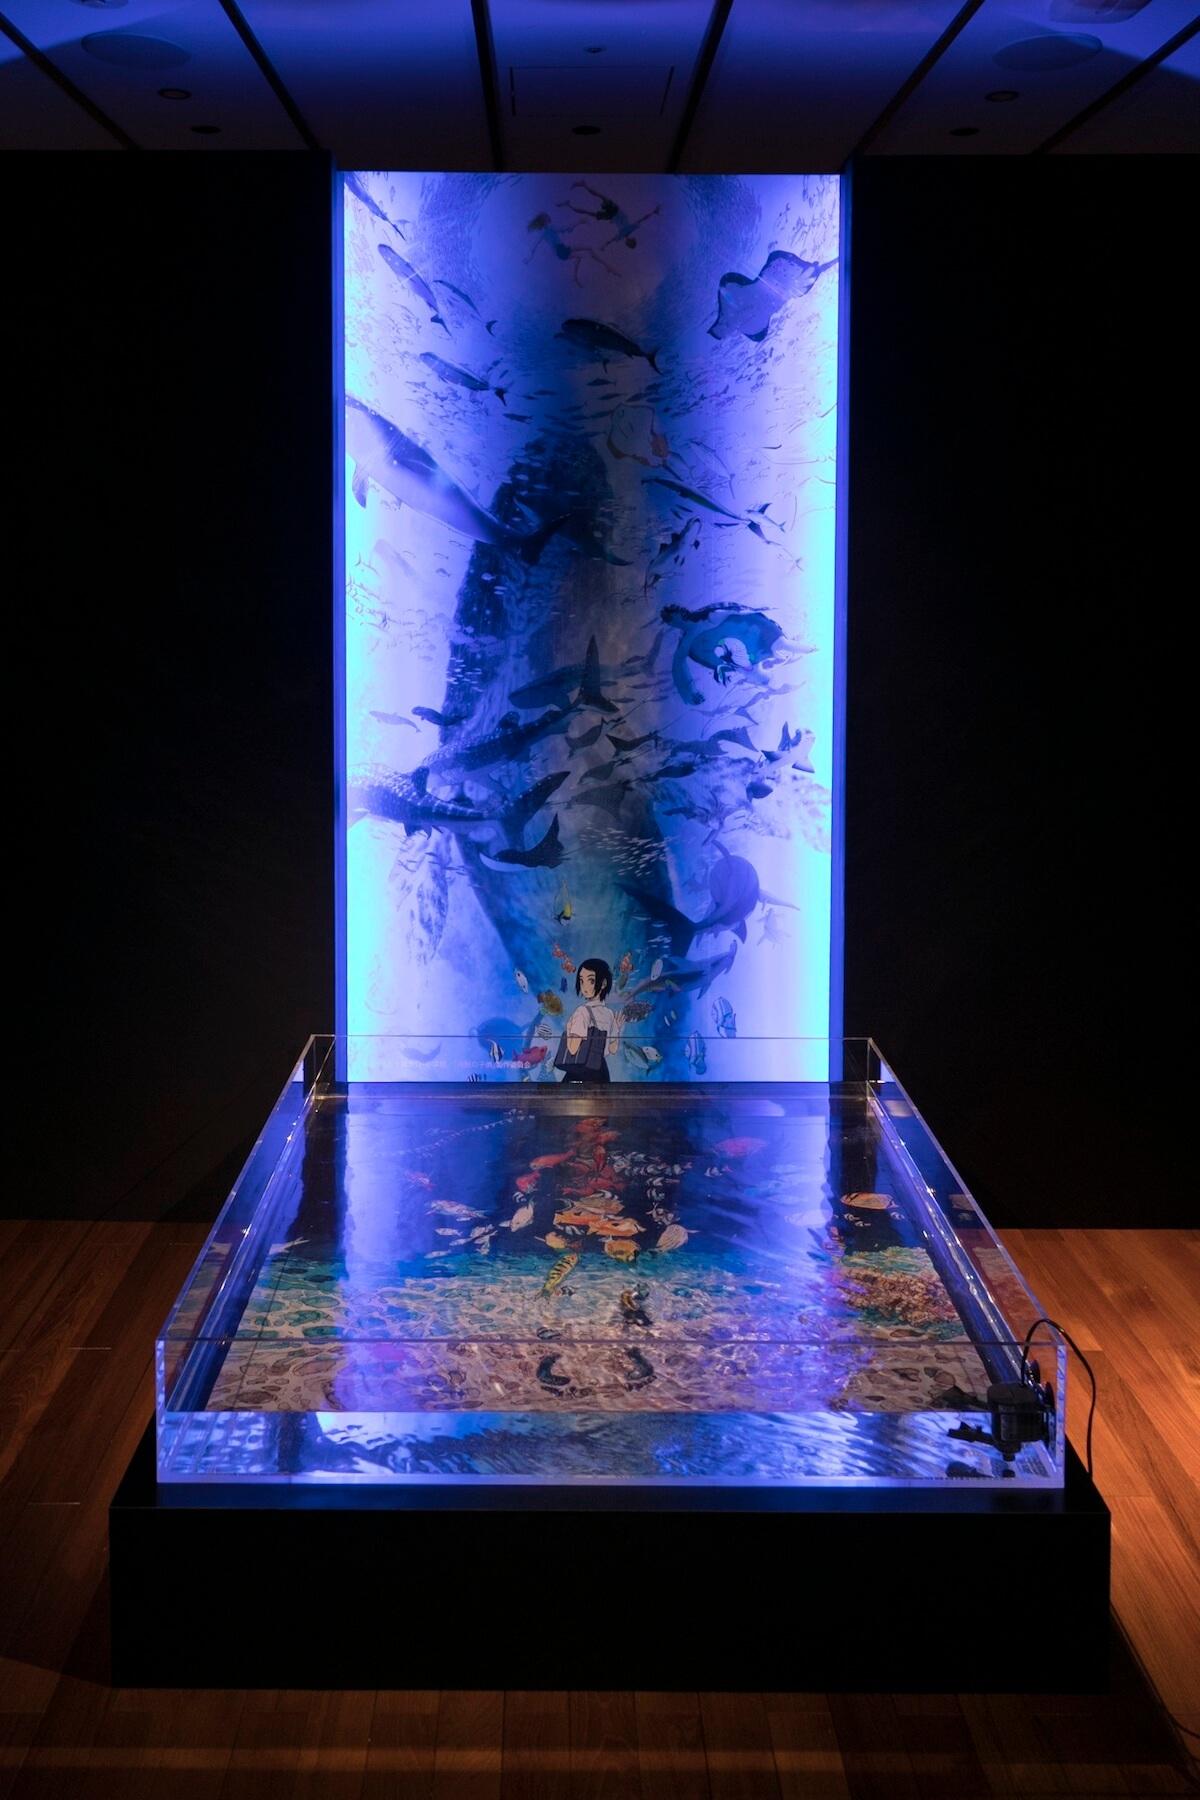 米津玄師、本日公開の「海の幽霊」全編アニメーションMVを実際の海の上で解禁!<海の上映会>開催 music190528_yonezukenshi_mv_6